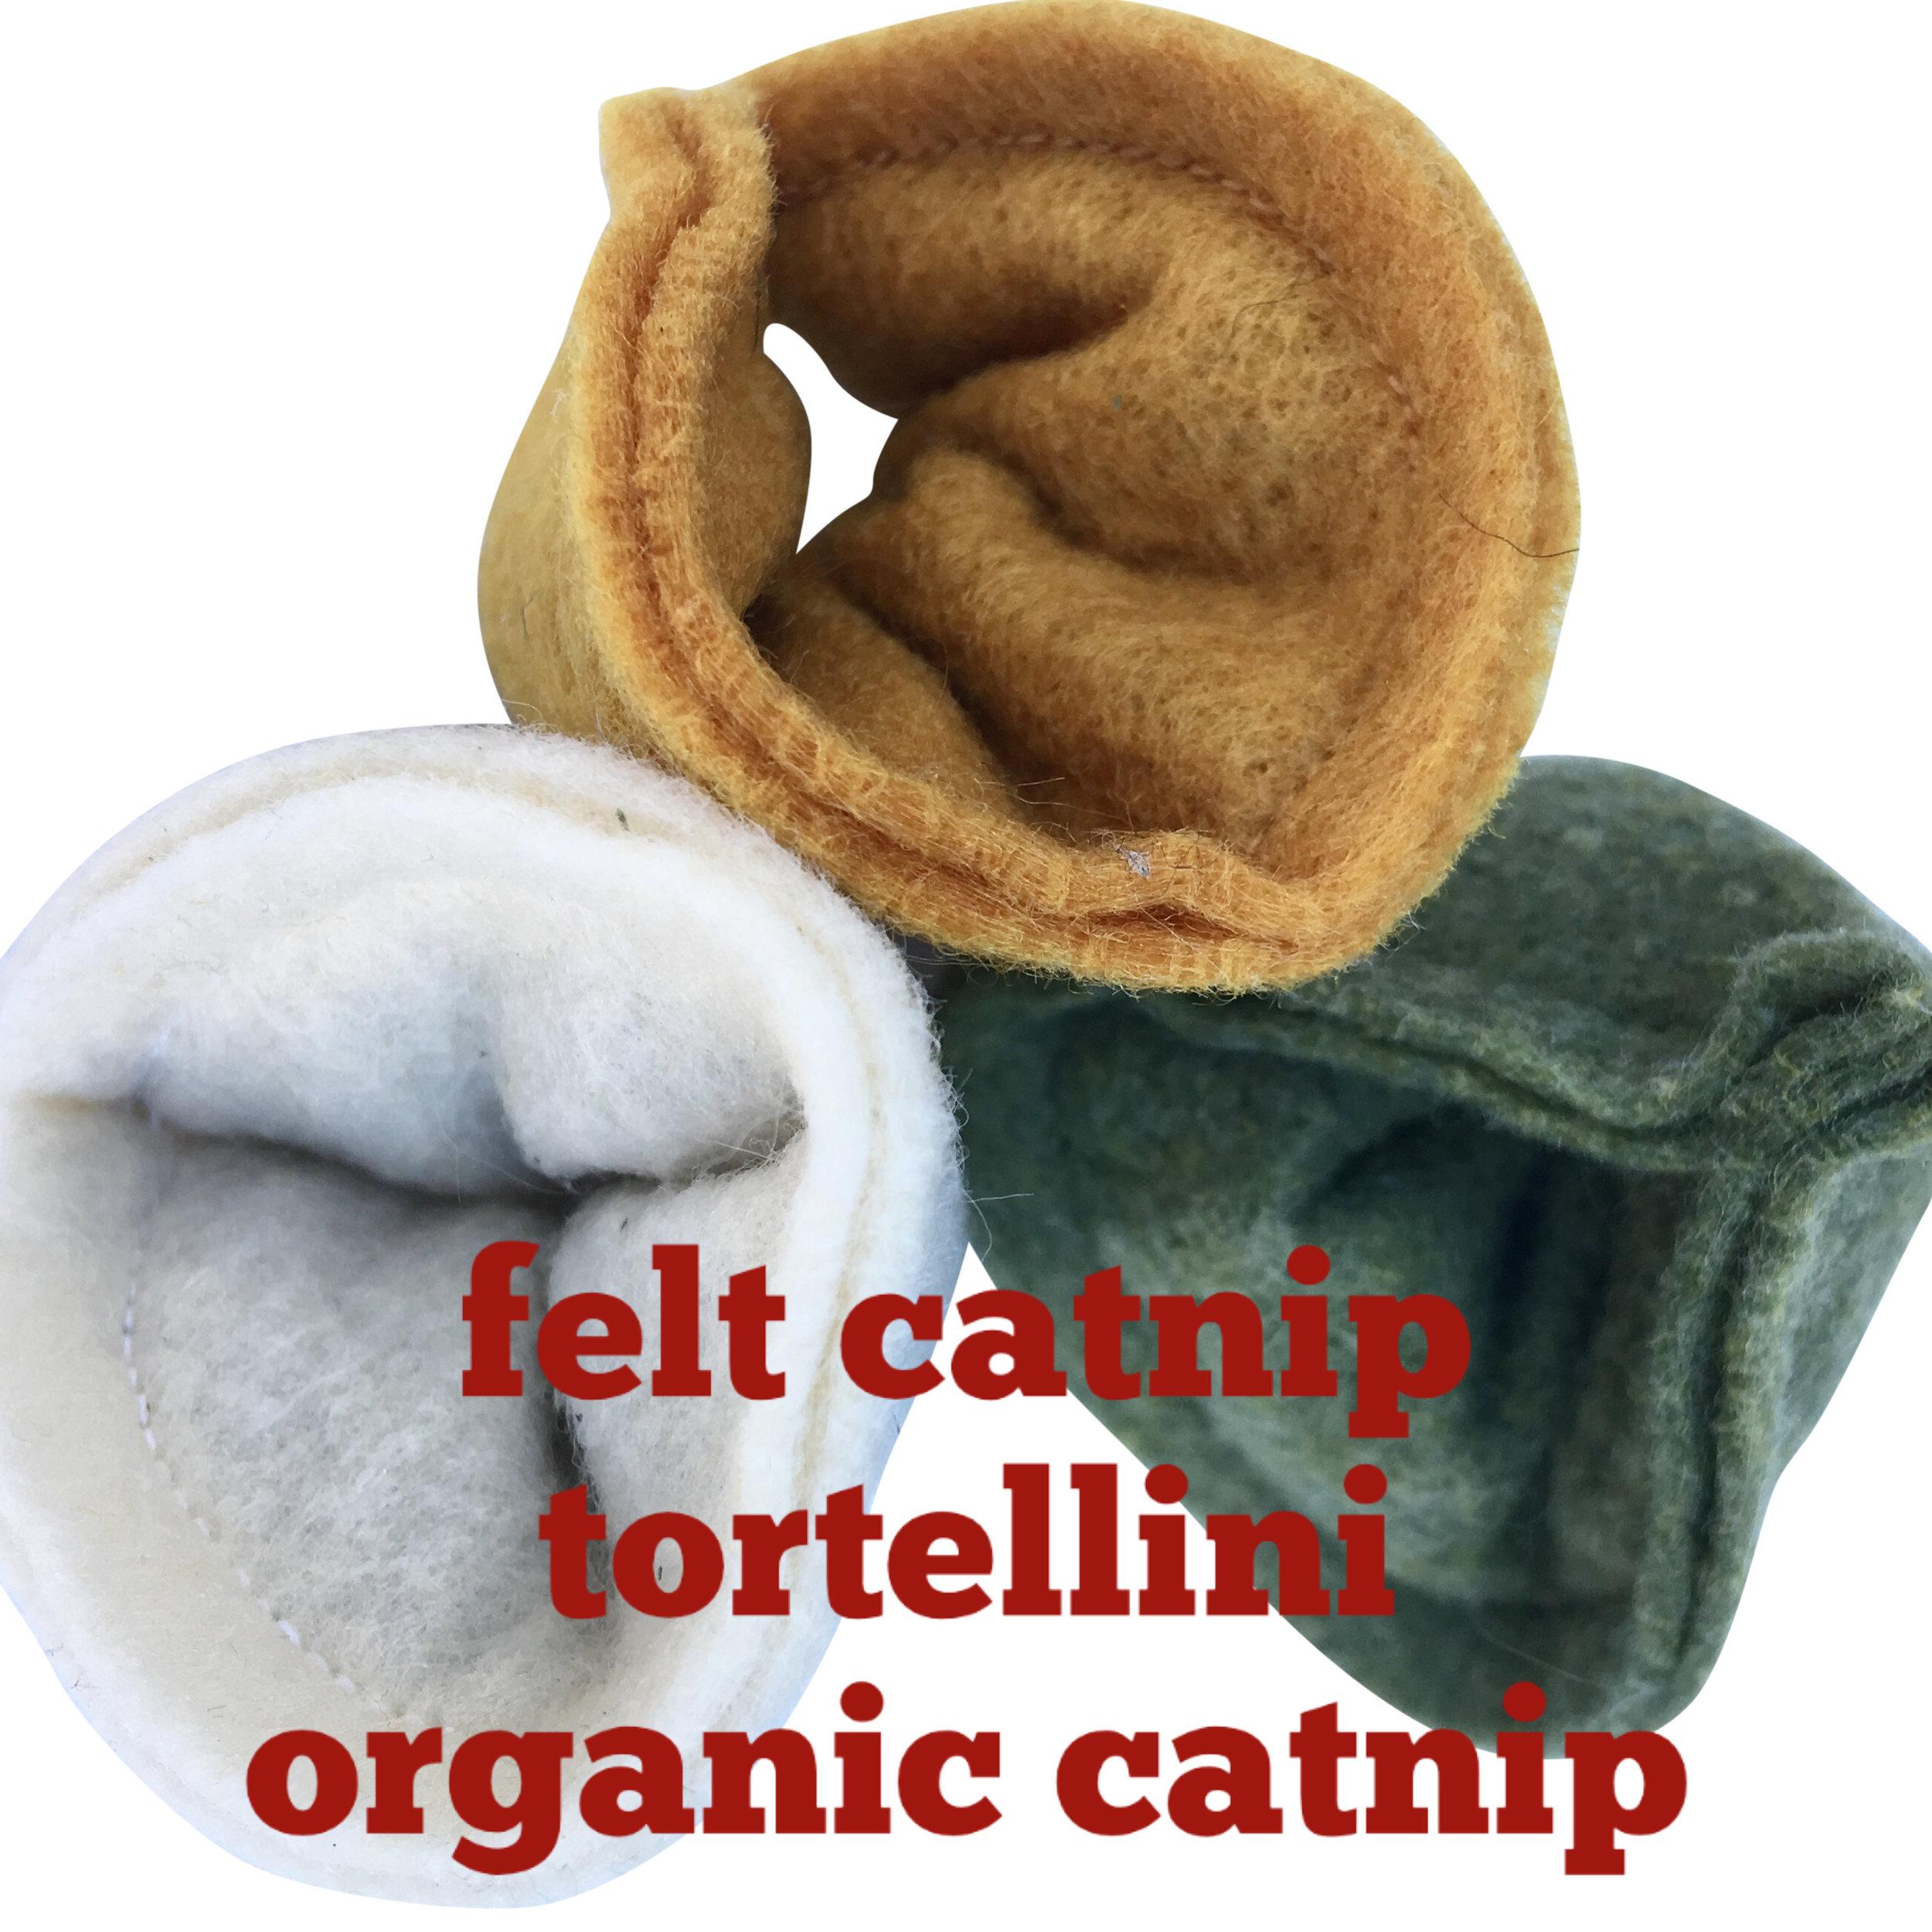 catnip tortellini